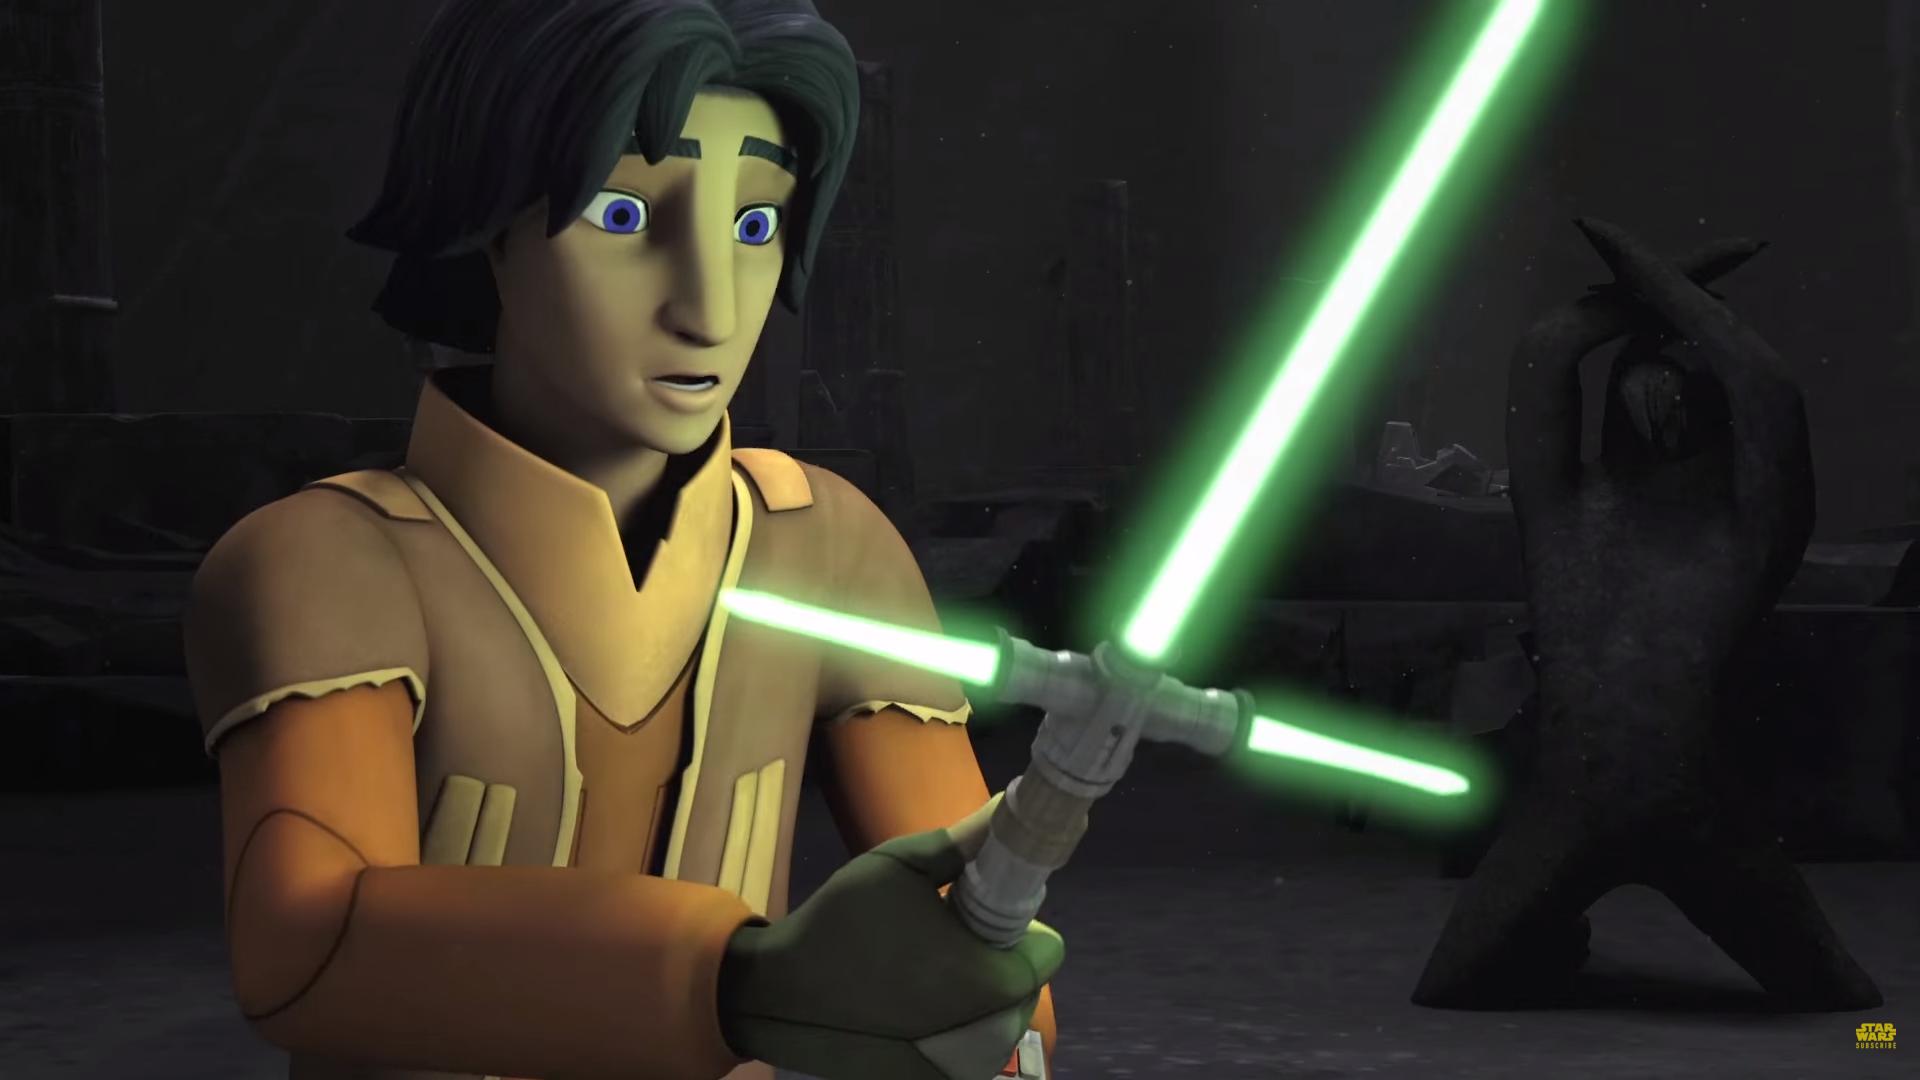 Мультсериал Звездные Войны: Повстанцы (Star Wars Rebels): Эзра со световым мечом с гардой